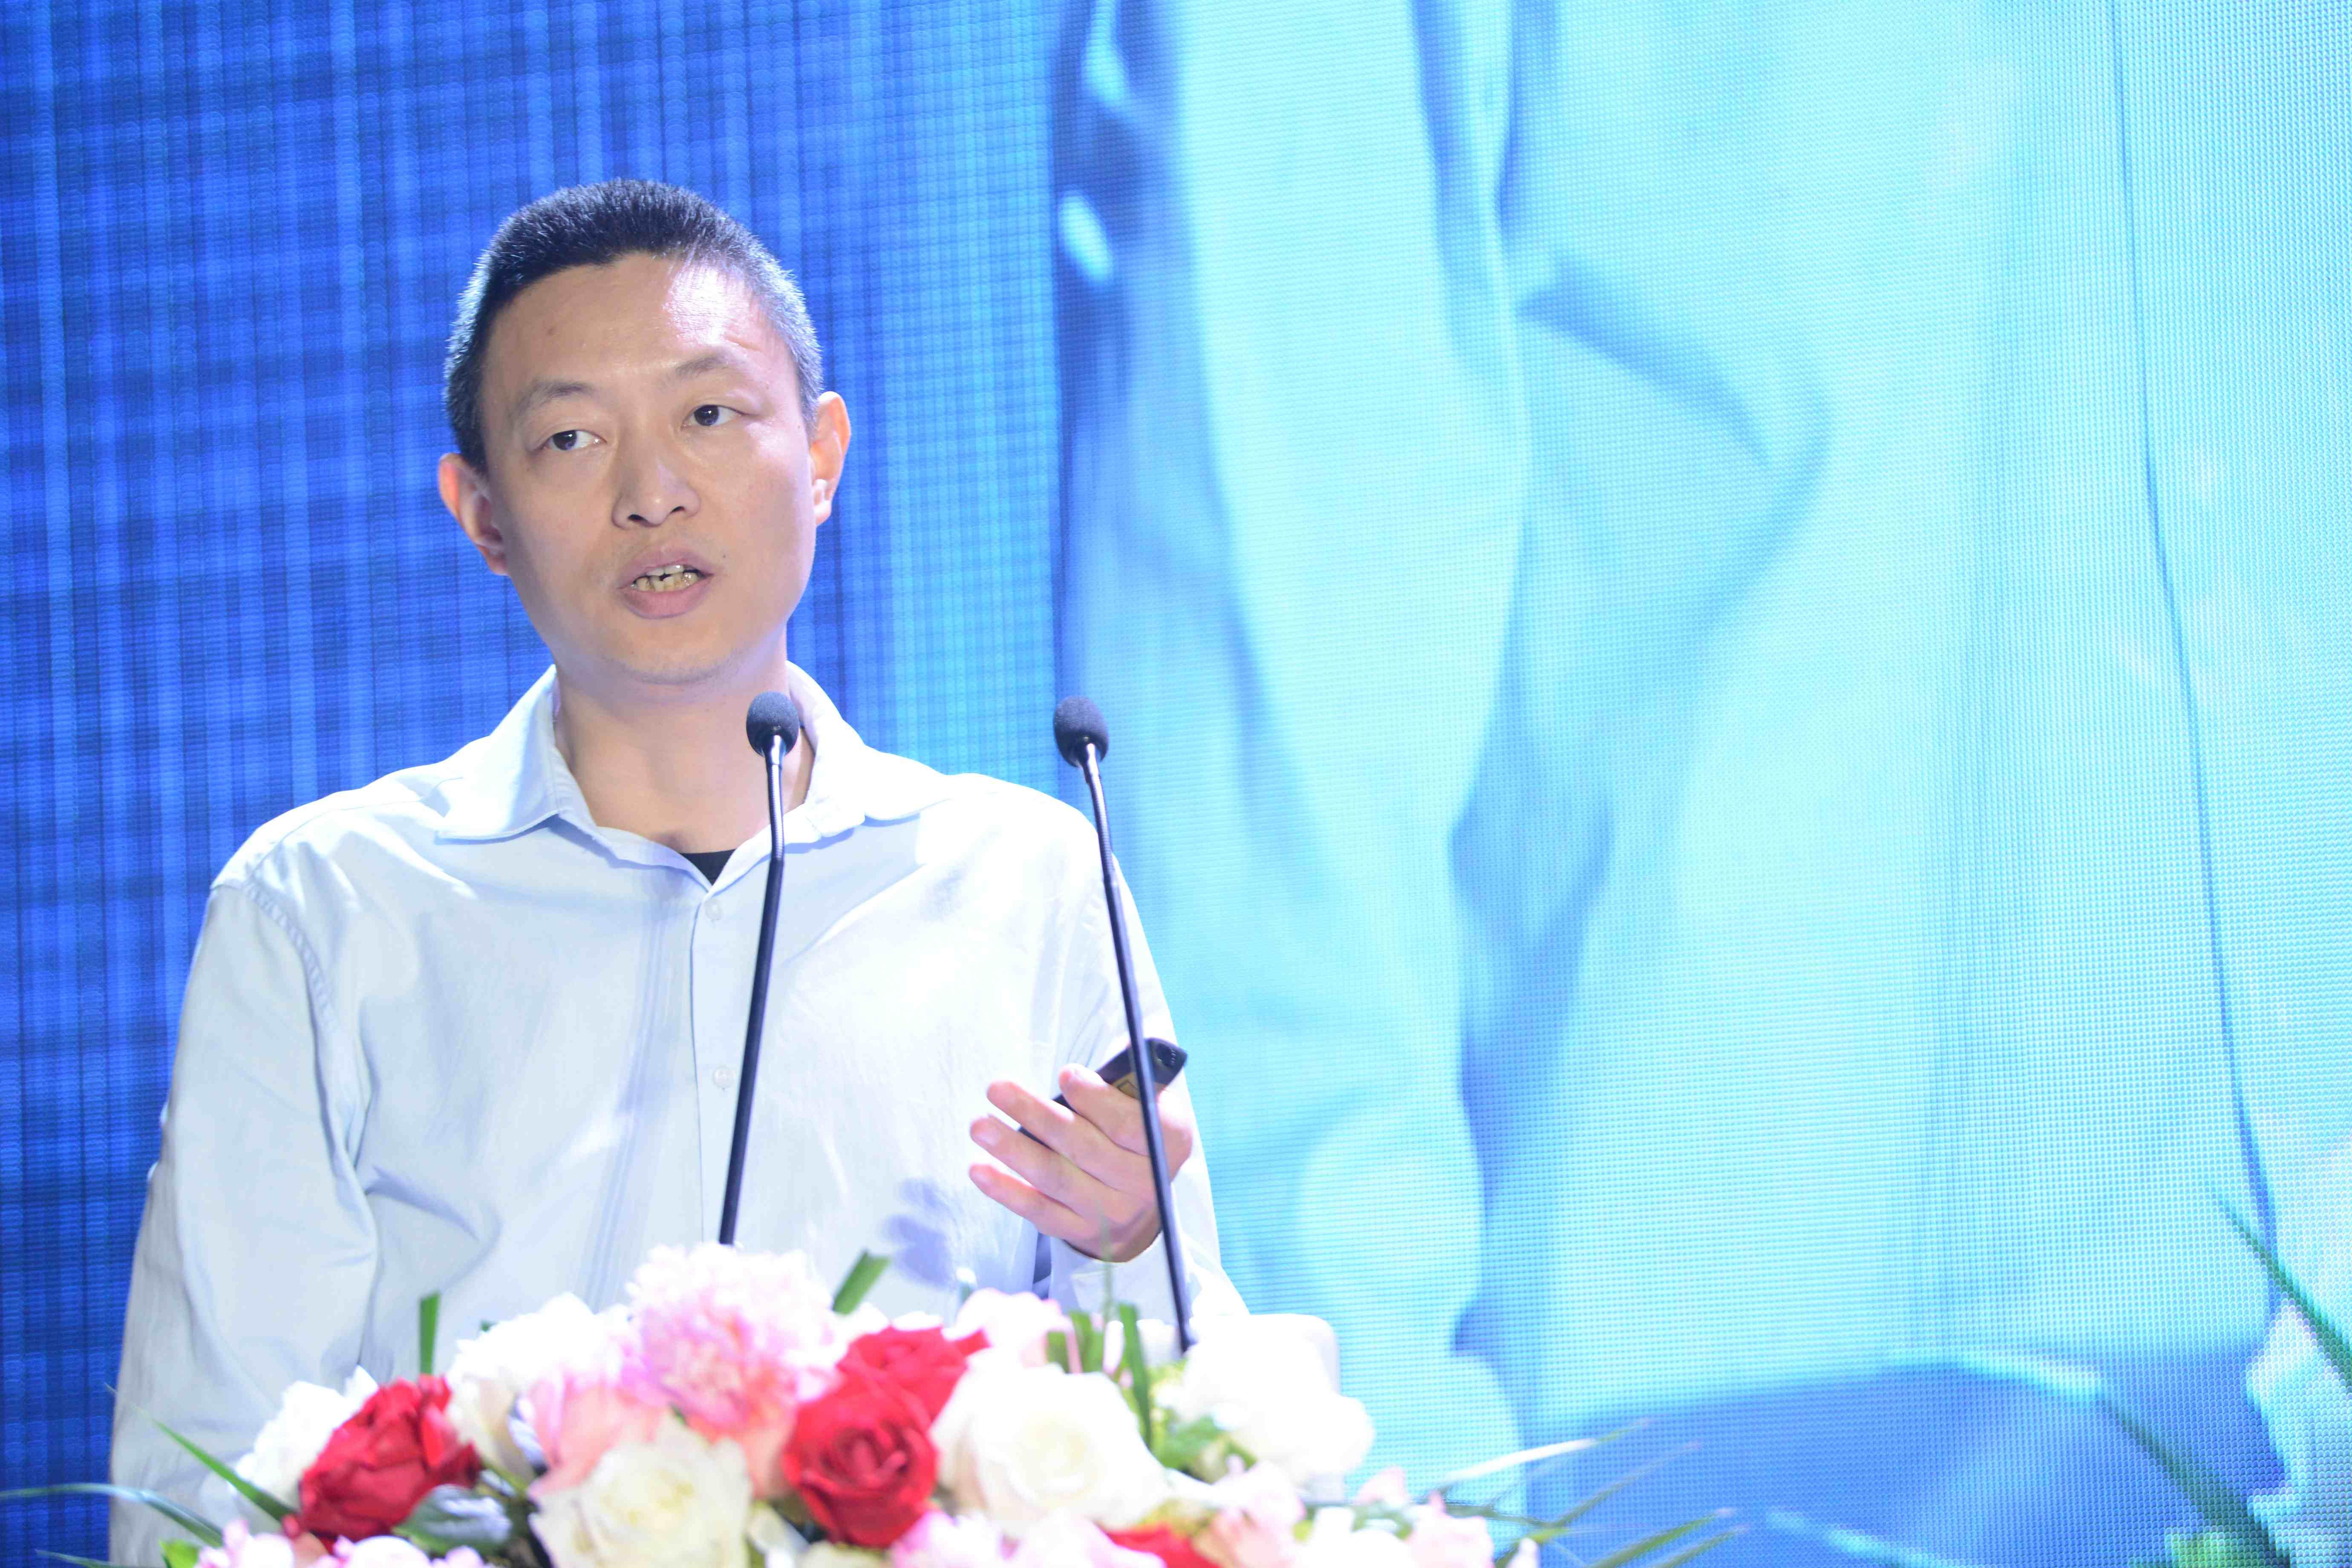 中国玻璃产业发展年会文图-中国玻璃产业发展年会文图-杨帆